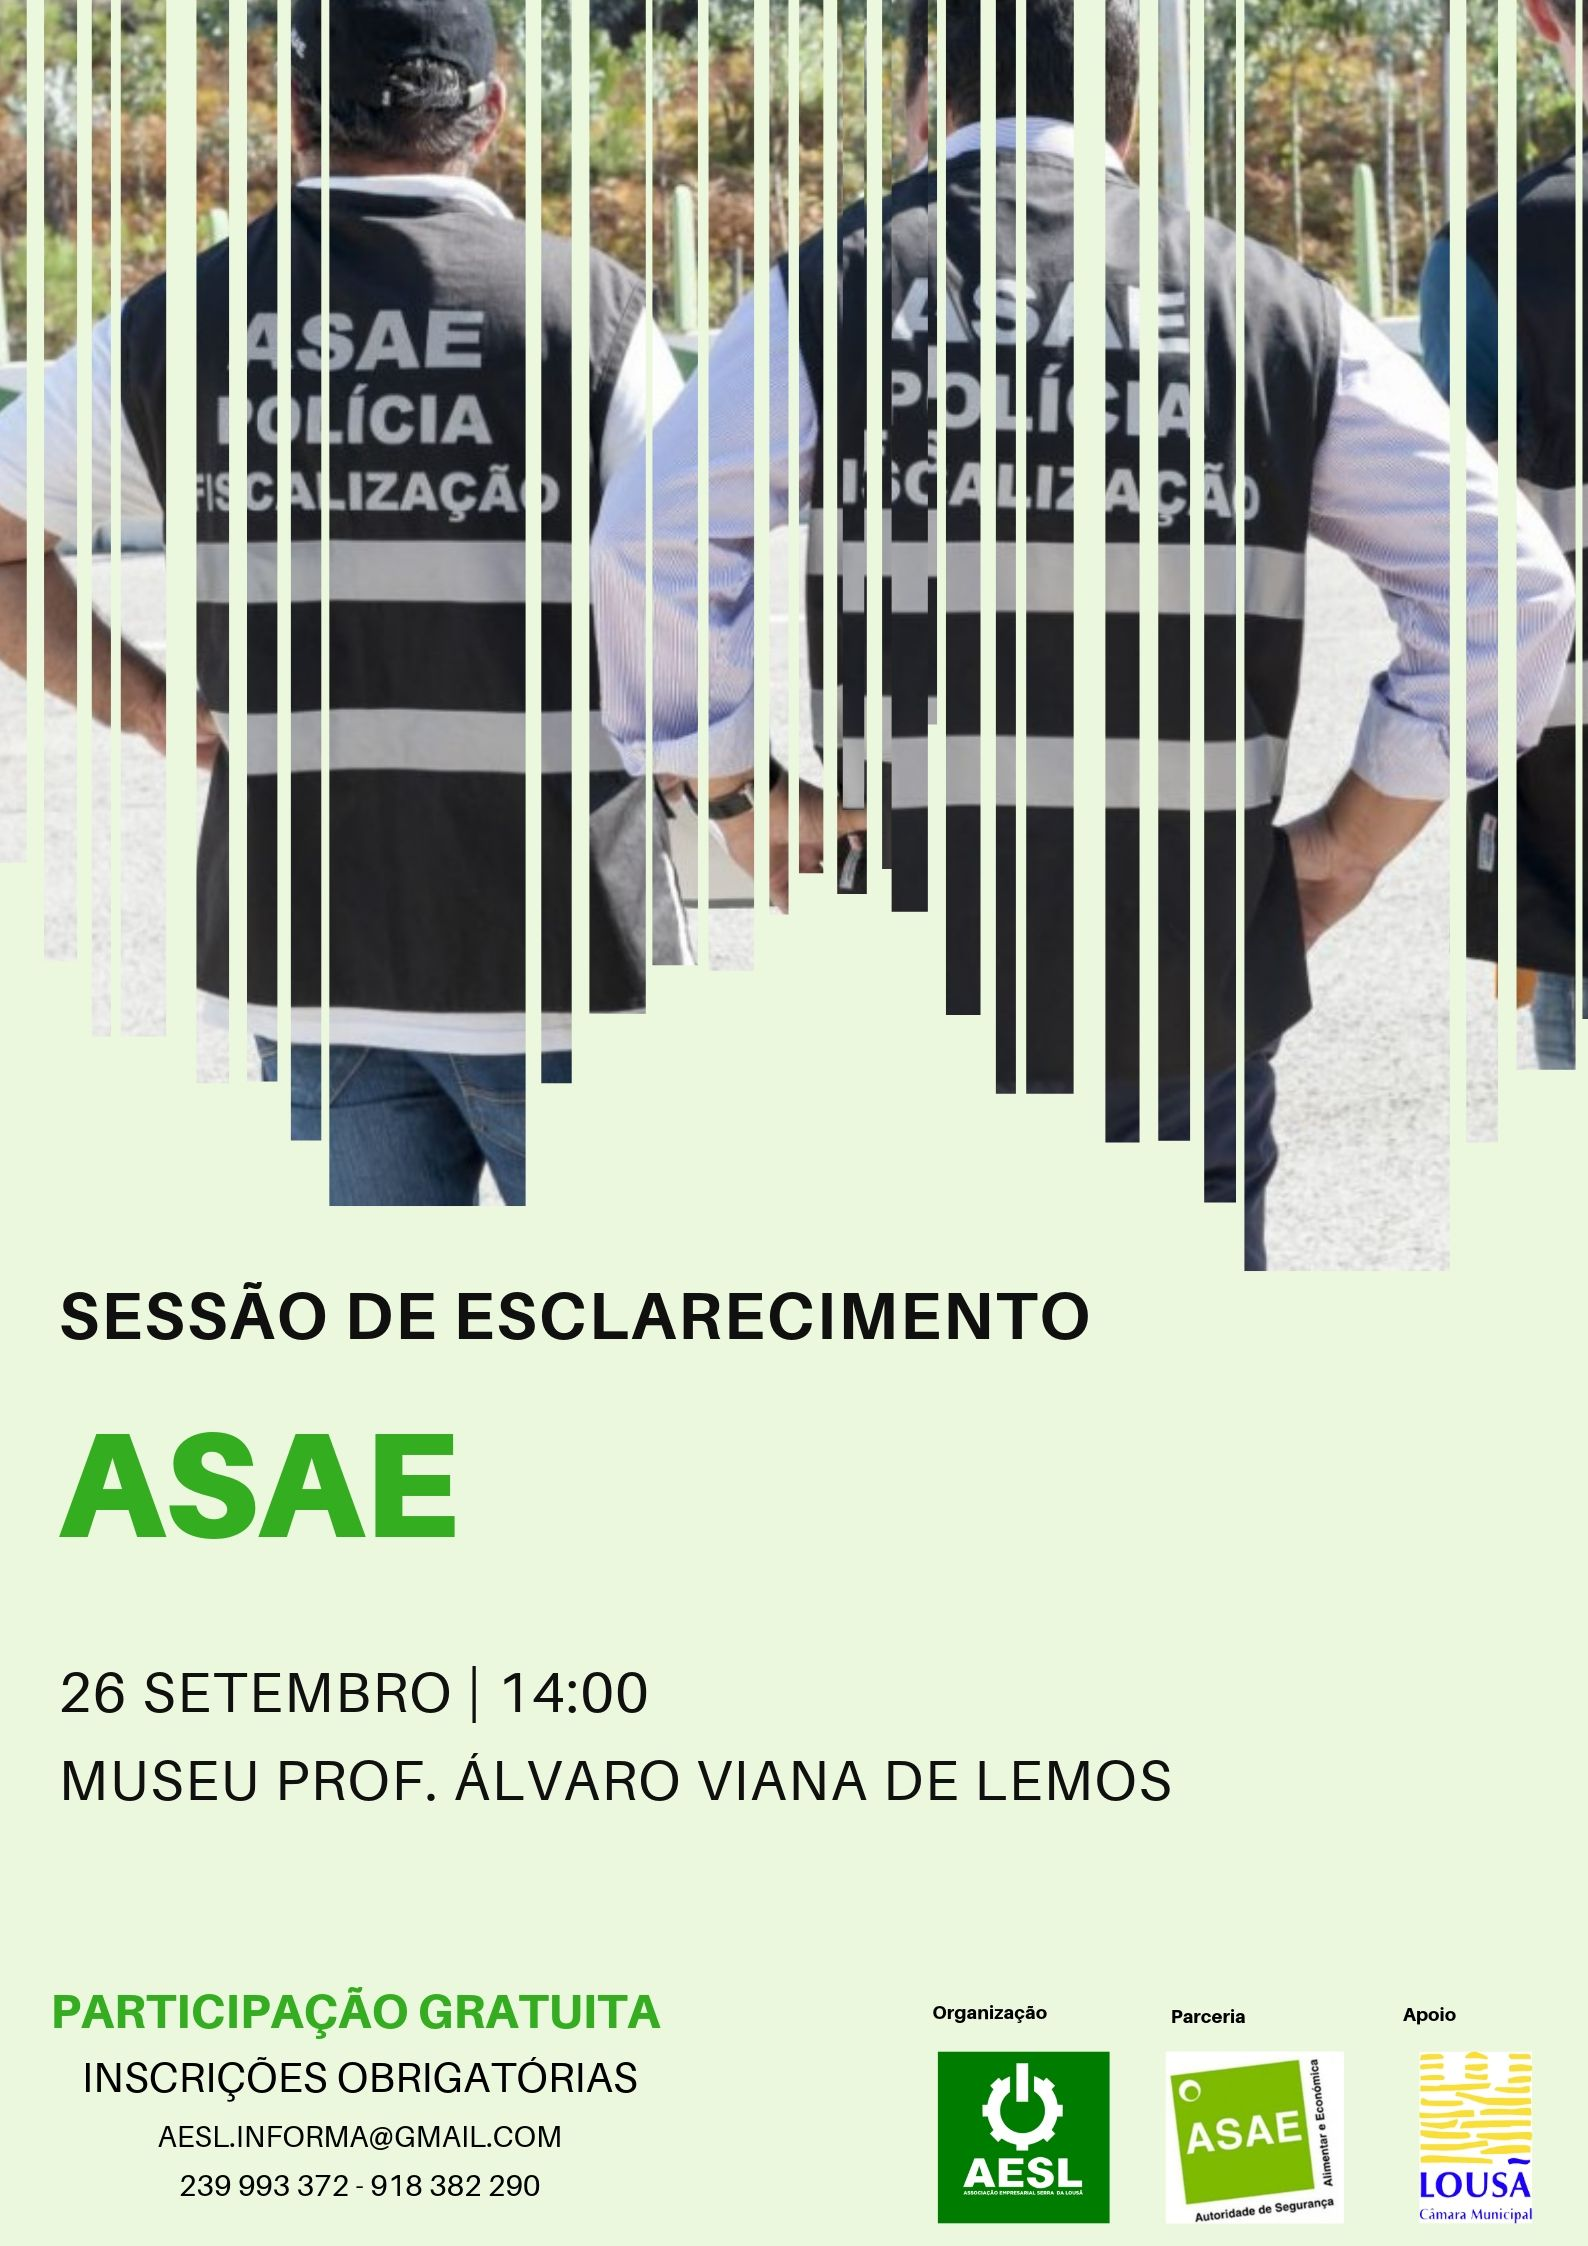 Sessão de Esclarecimento ASAE